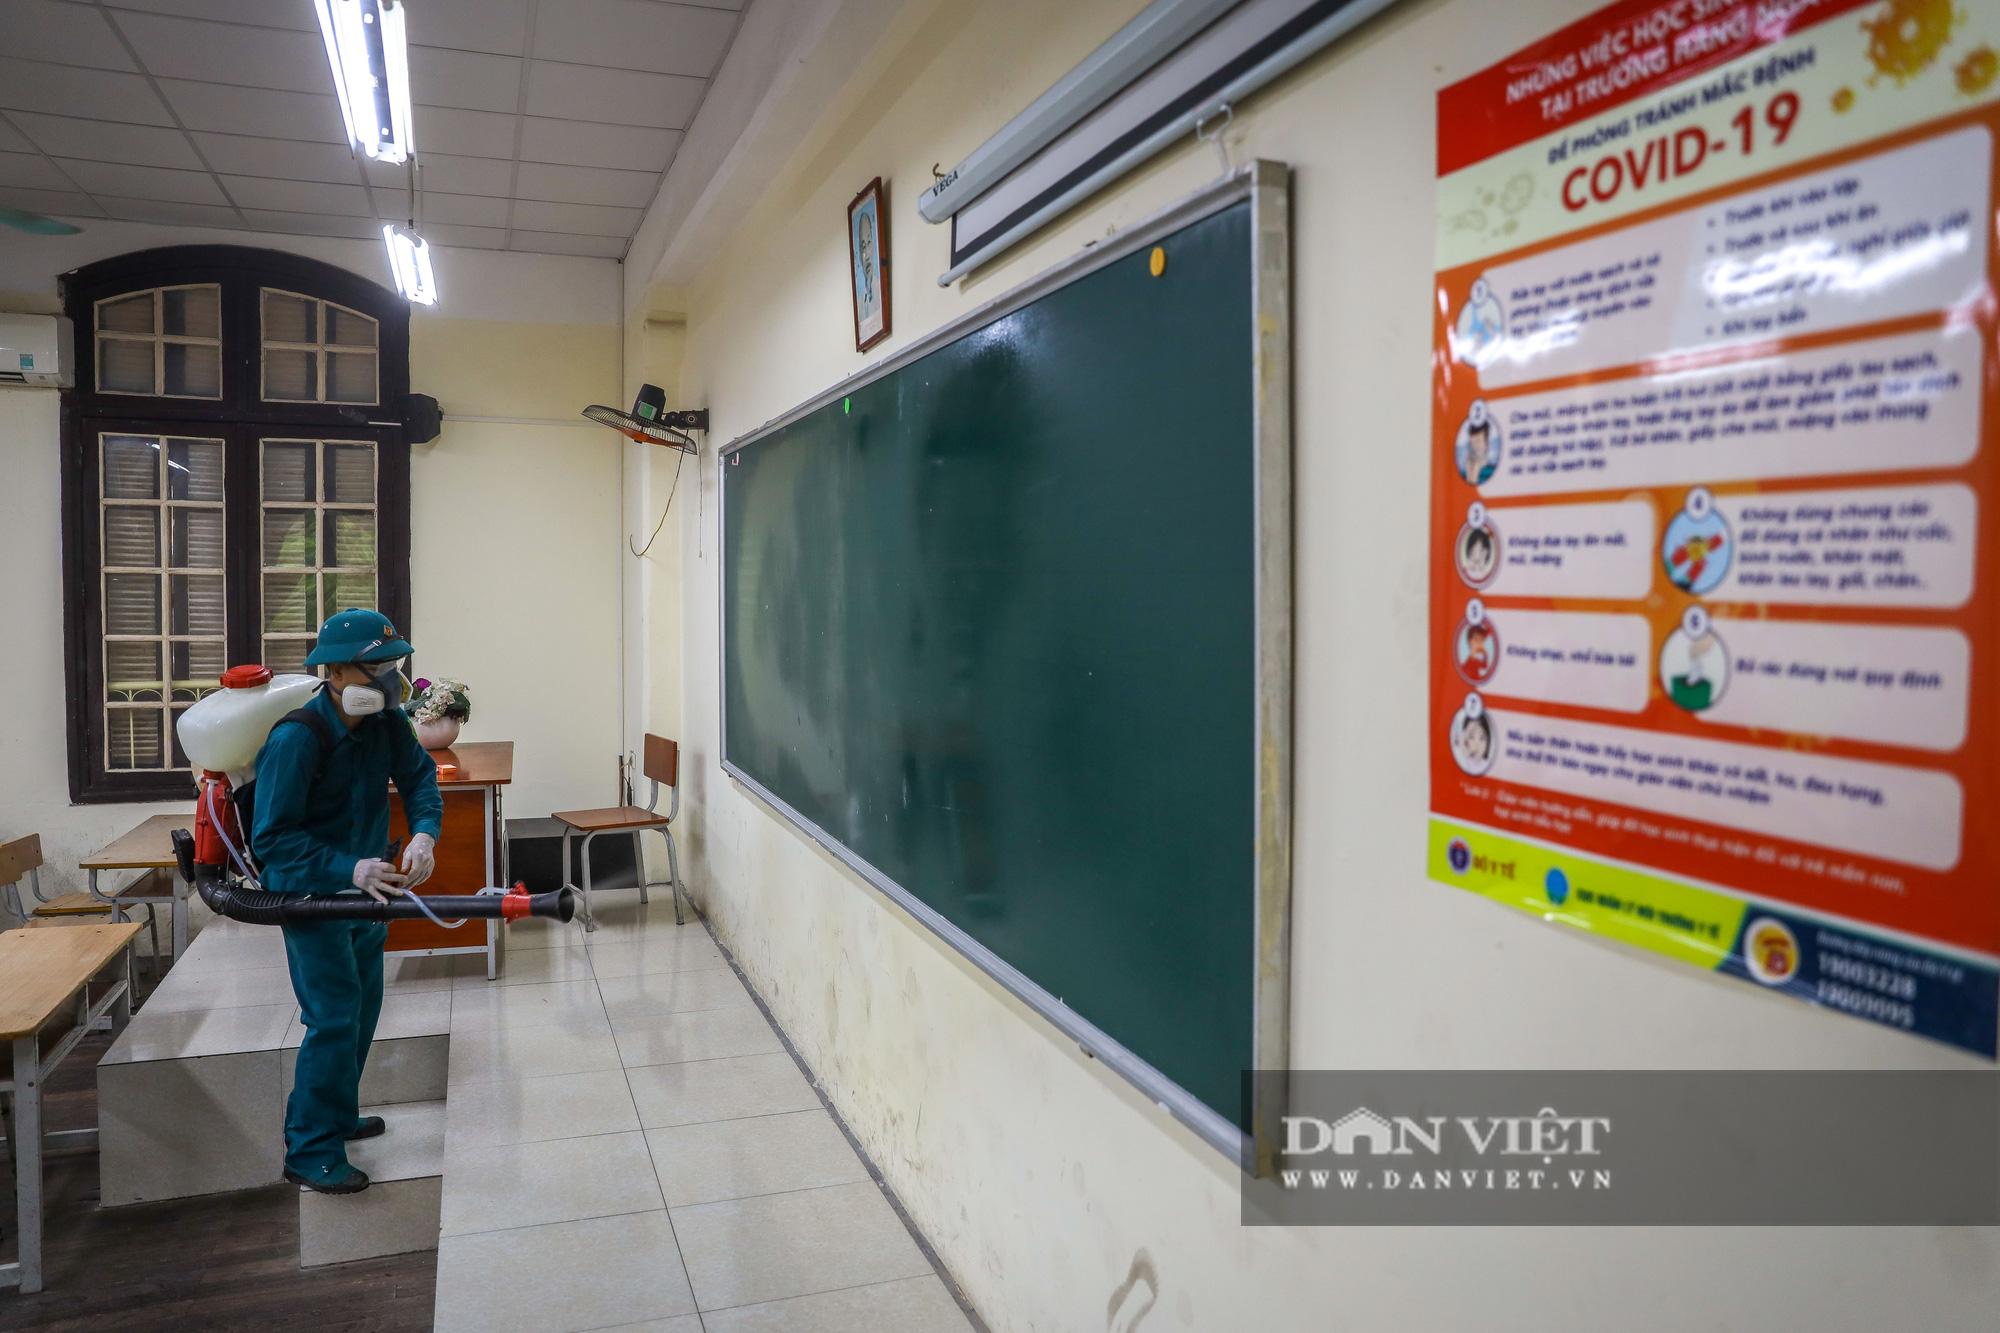 Hà Nội: Các trường được chọn làm điểm thi THPT đồng loạt phun khử trùng - Ảnh 7.